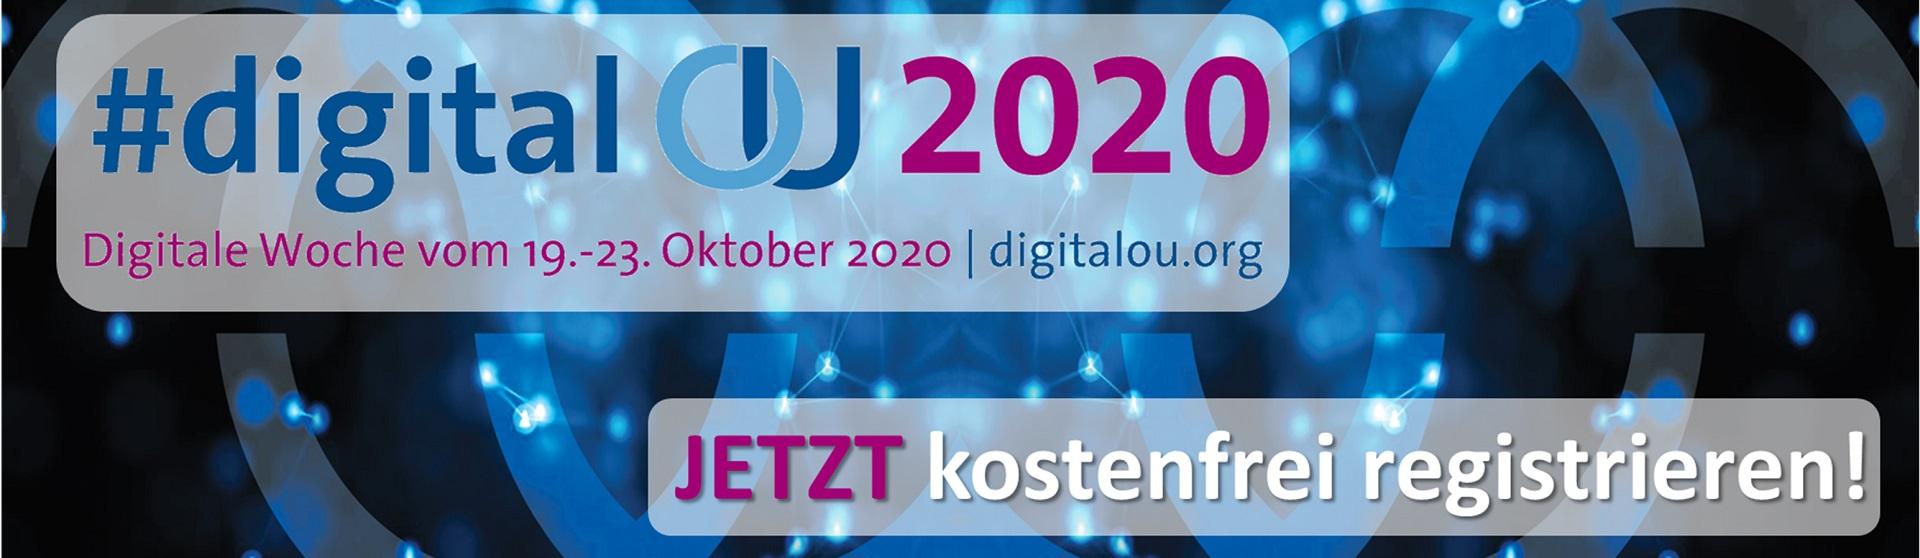 #digitalOU2020